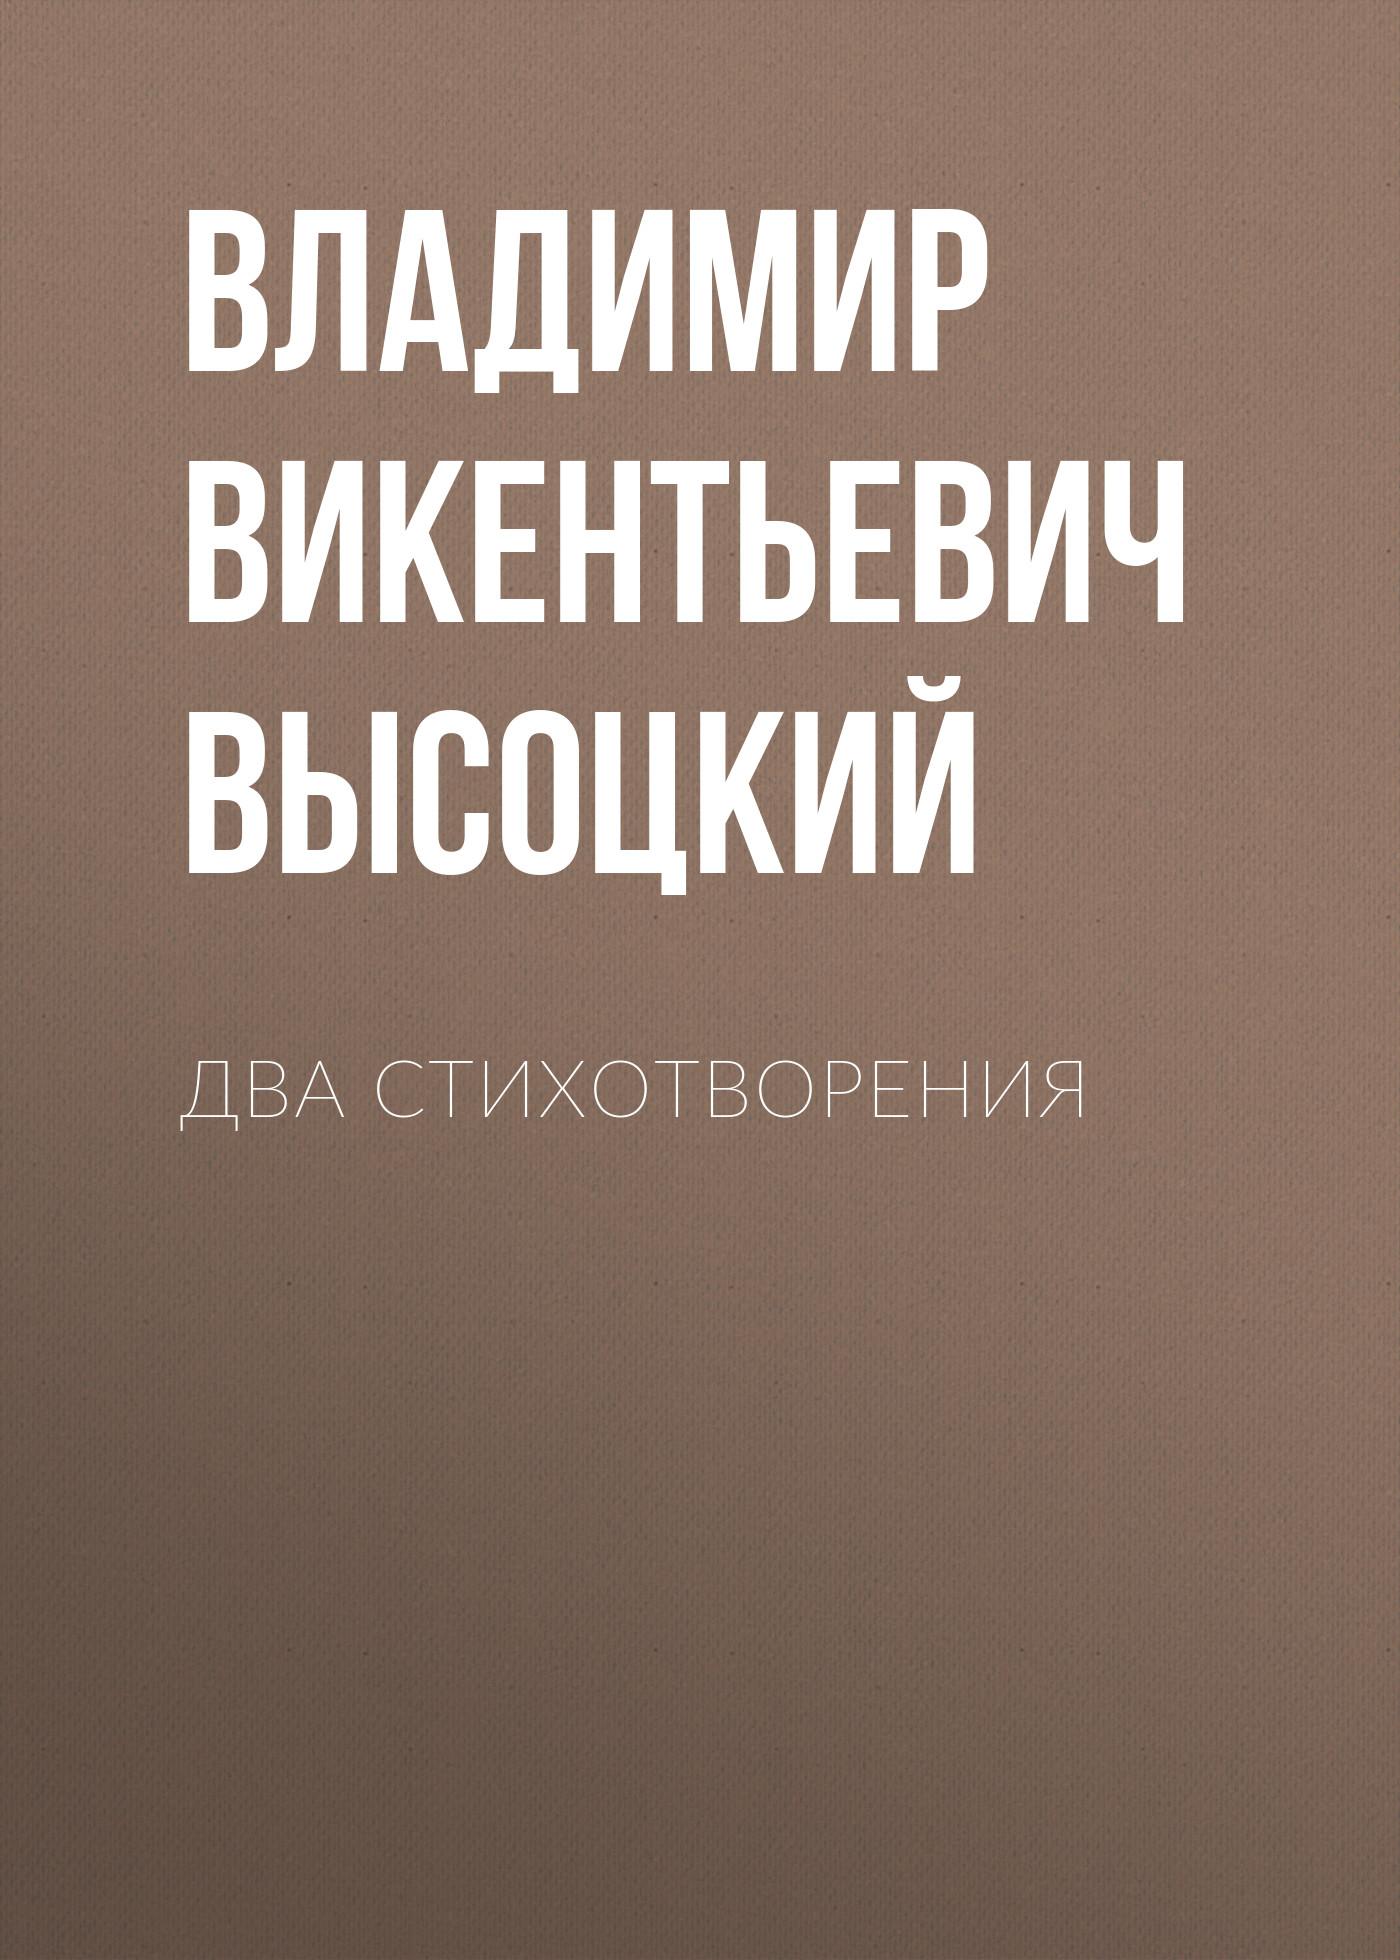 Владимир Викентьевич Высоцкий Два стихотворения юлия носовицкая когда восходит солнце на закате